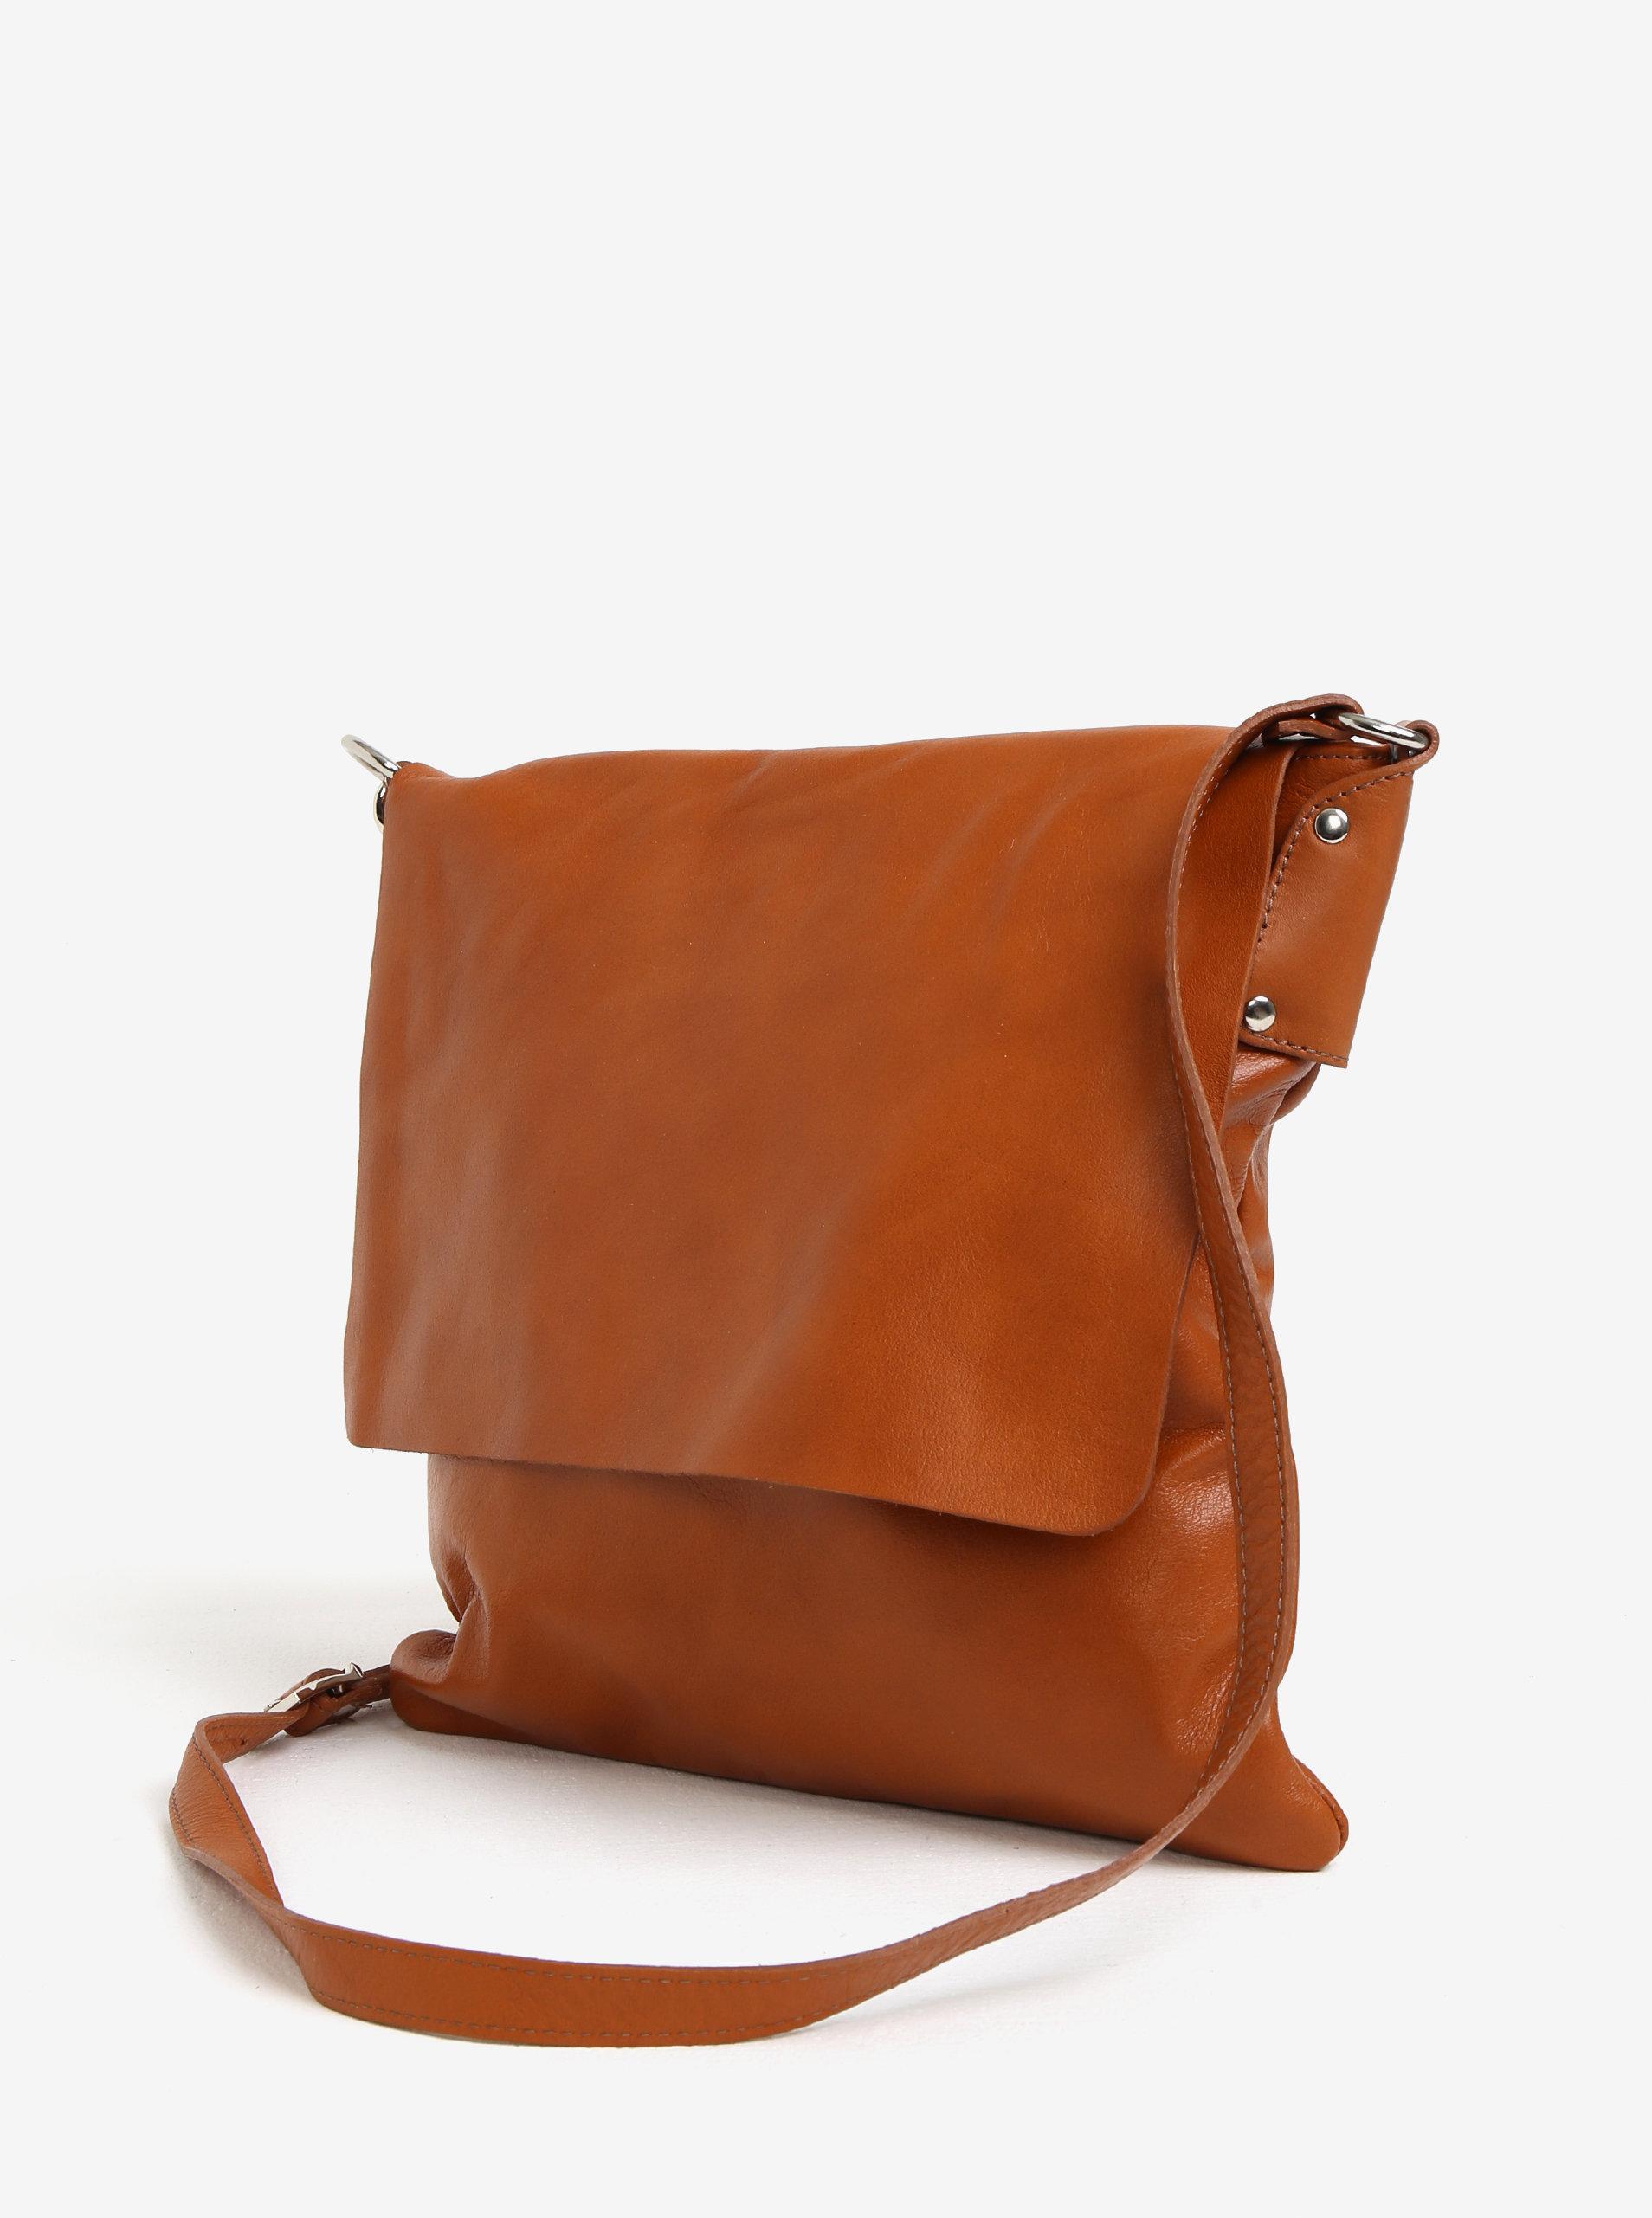 Hnedá dámska kožená crossbody kabelka KARA ... b8ad9a5096b